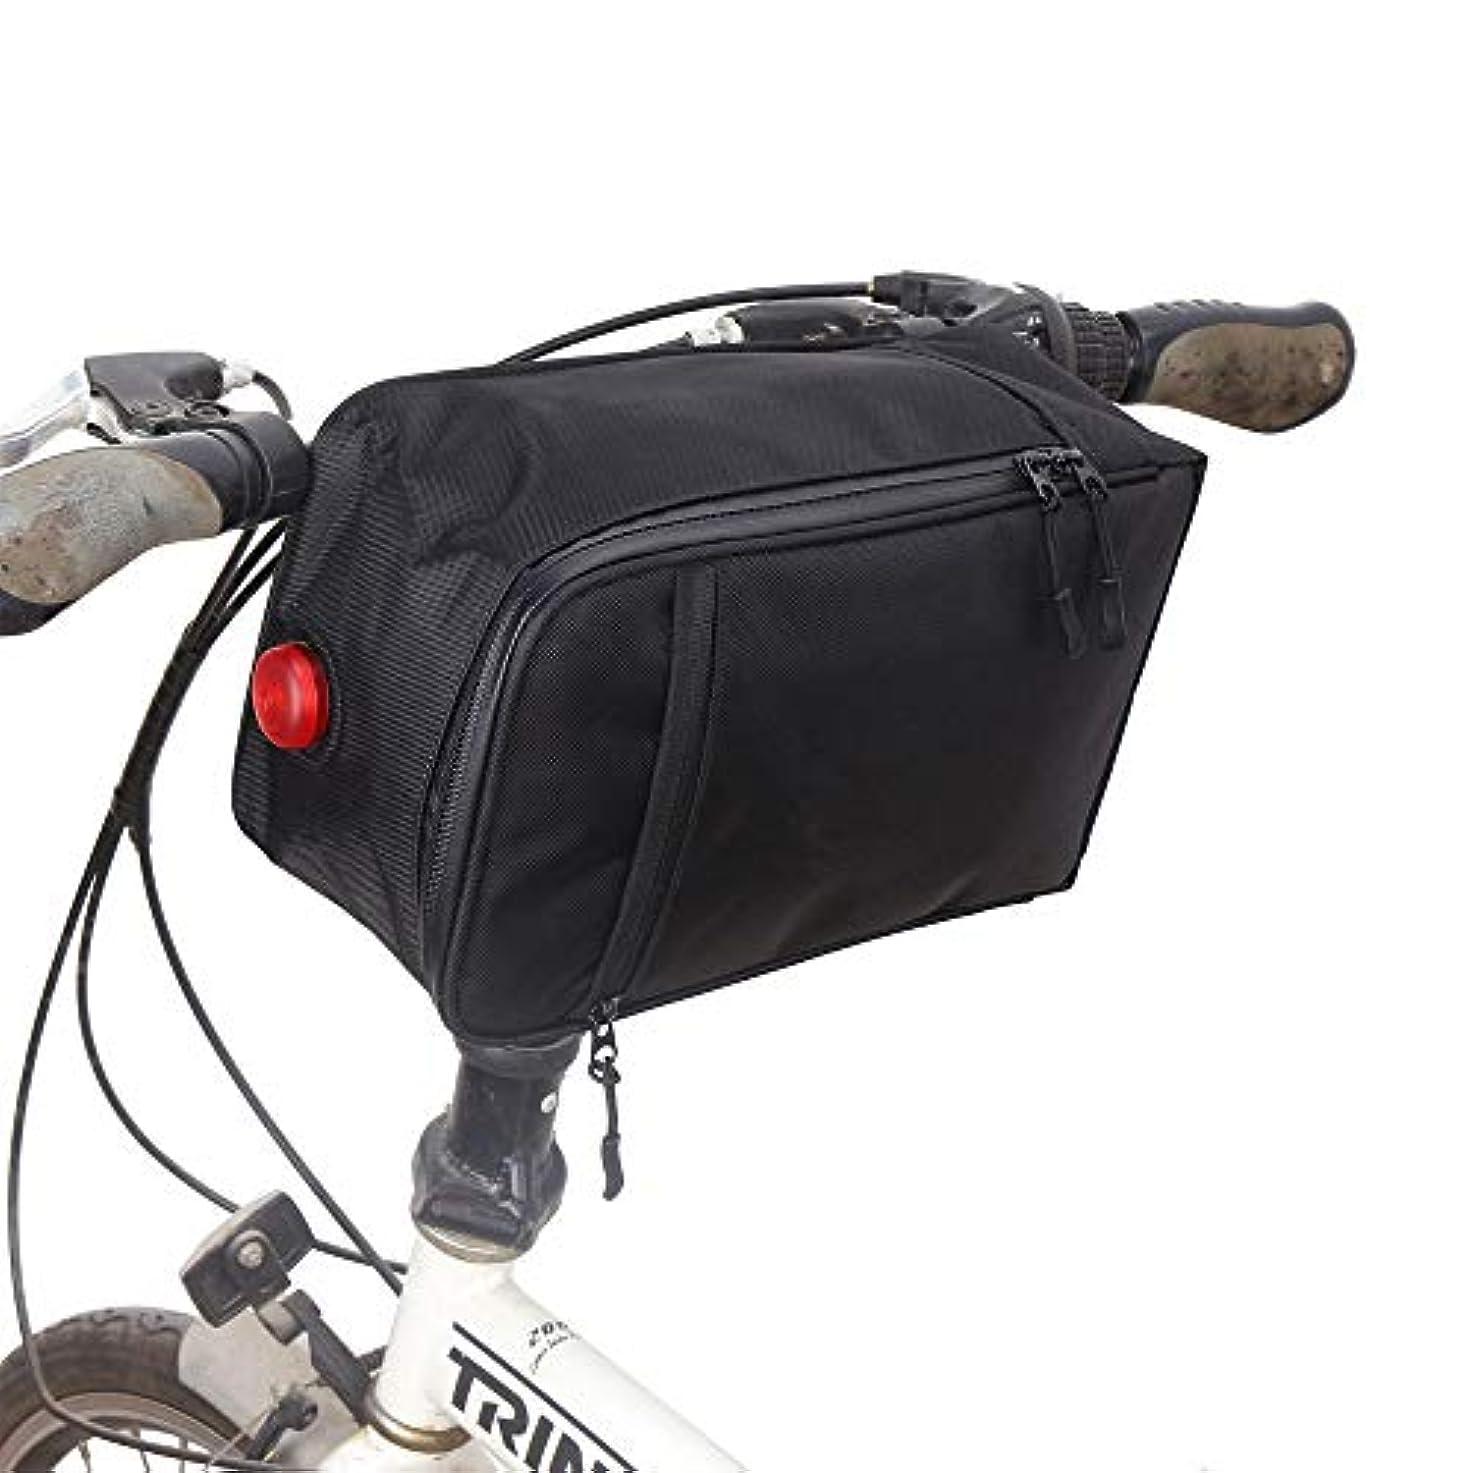 洗練傭兵しがみつく自転車シートパックバッグ 自転車防水テールバッグ荷物バッグハンガージッパーポケットフロント車のインストールバッグ自転車ハンドルバーバッグ 自転車サドルバッグ